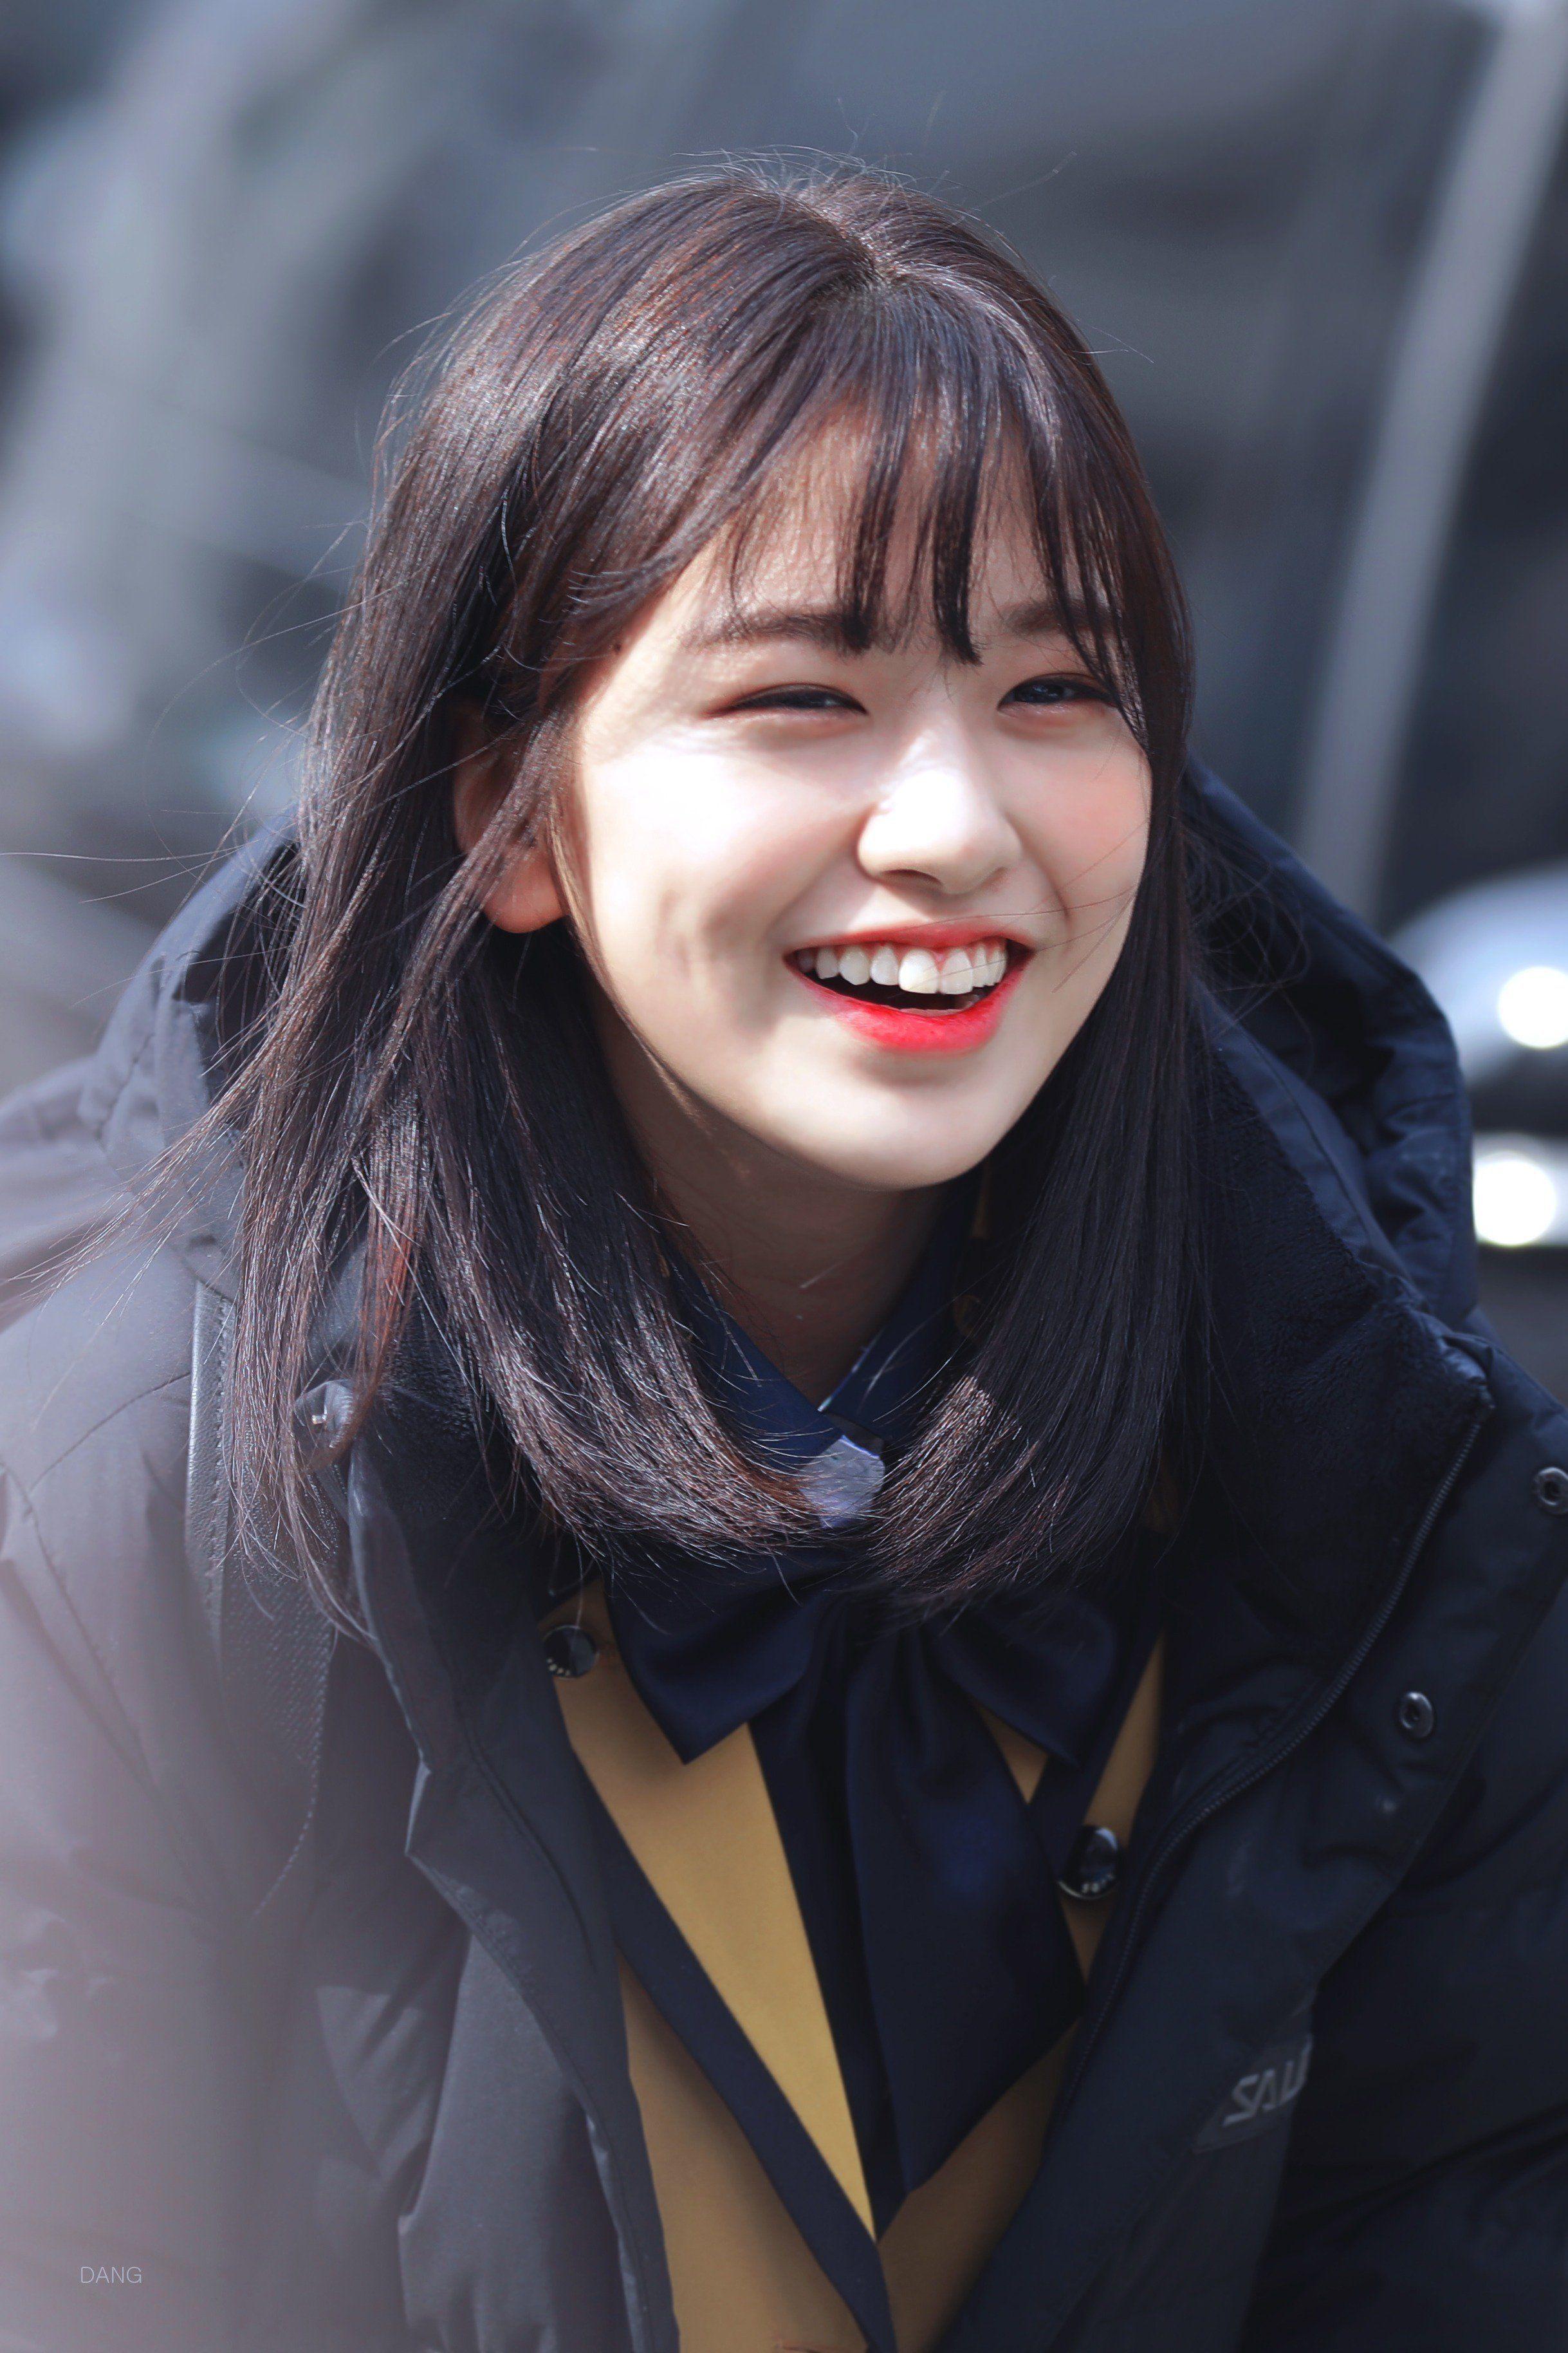 Performing Entrance Ceremony Yujins School Izone Yujin Seoul Arts High190304 Yujin S Seoul Performing Arts High Sch Selebritas Ide Gaya Rambut Aktris